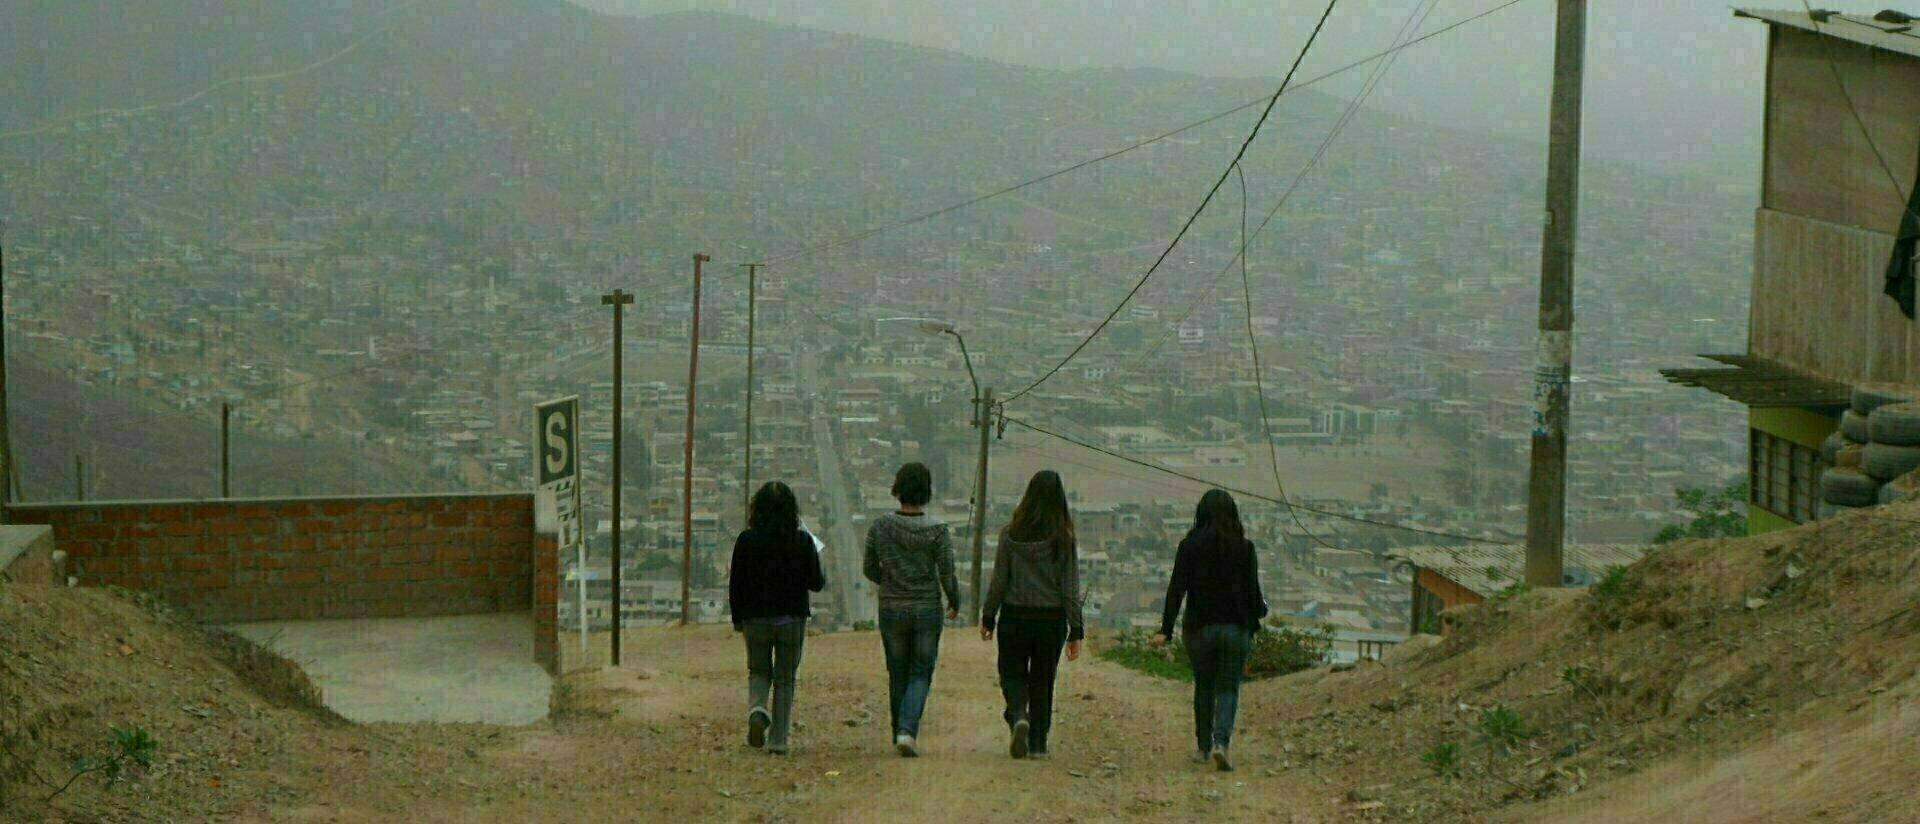 Perù- un progetto di microcredito a sostegno dell'associazione Yachay Wasi di Lima